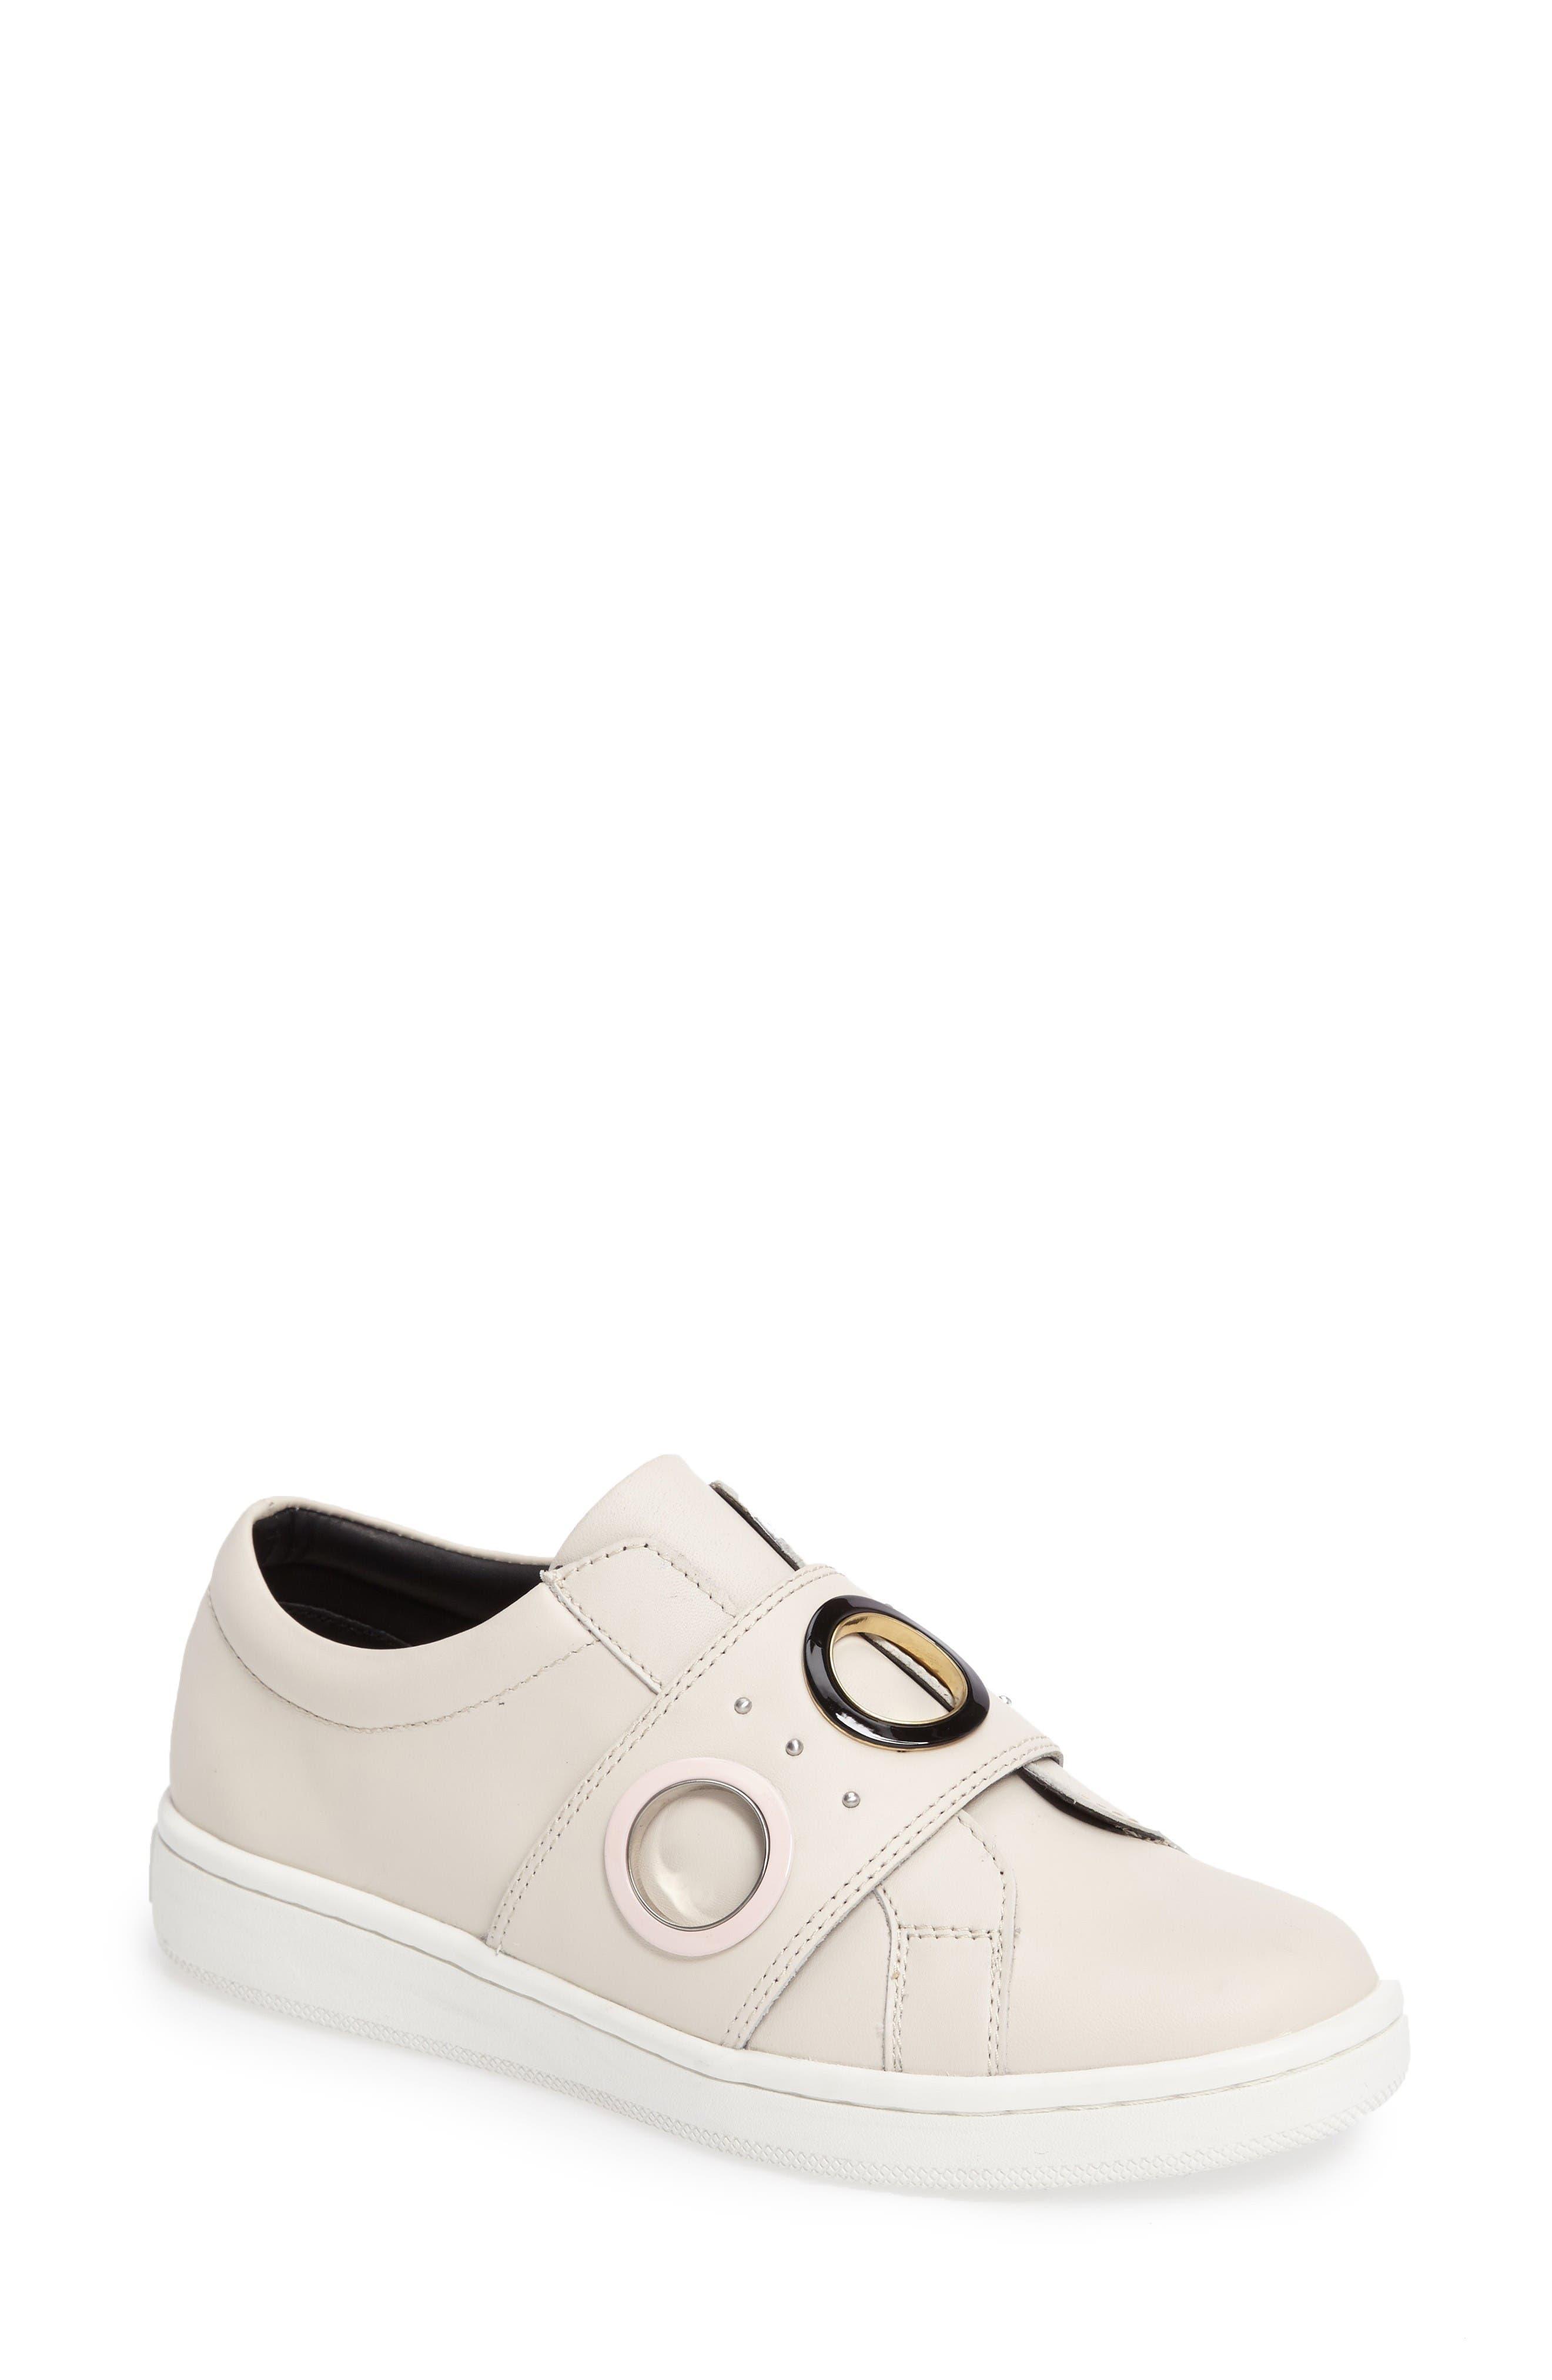 Alternate Image 1 Selected - Calvin Klein Danette Slip-On Sneaker (Women)